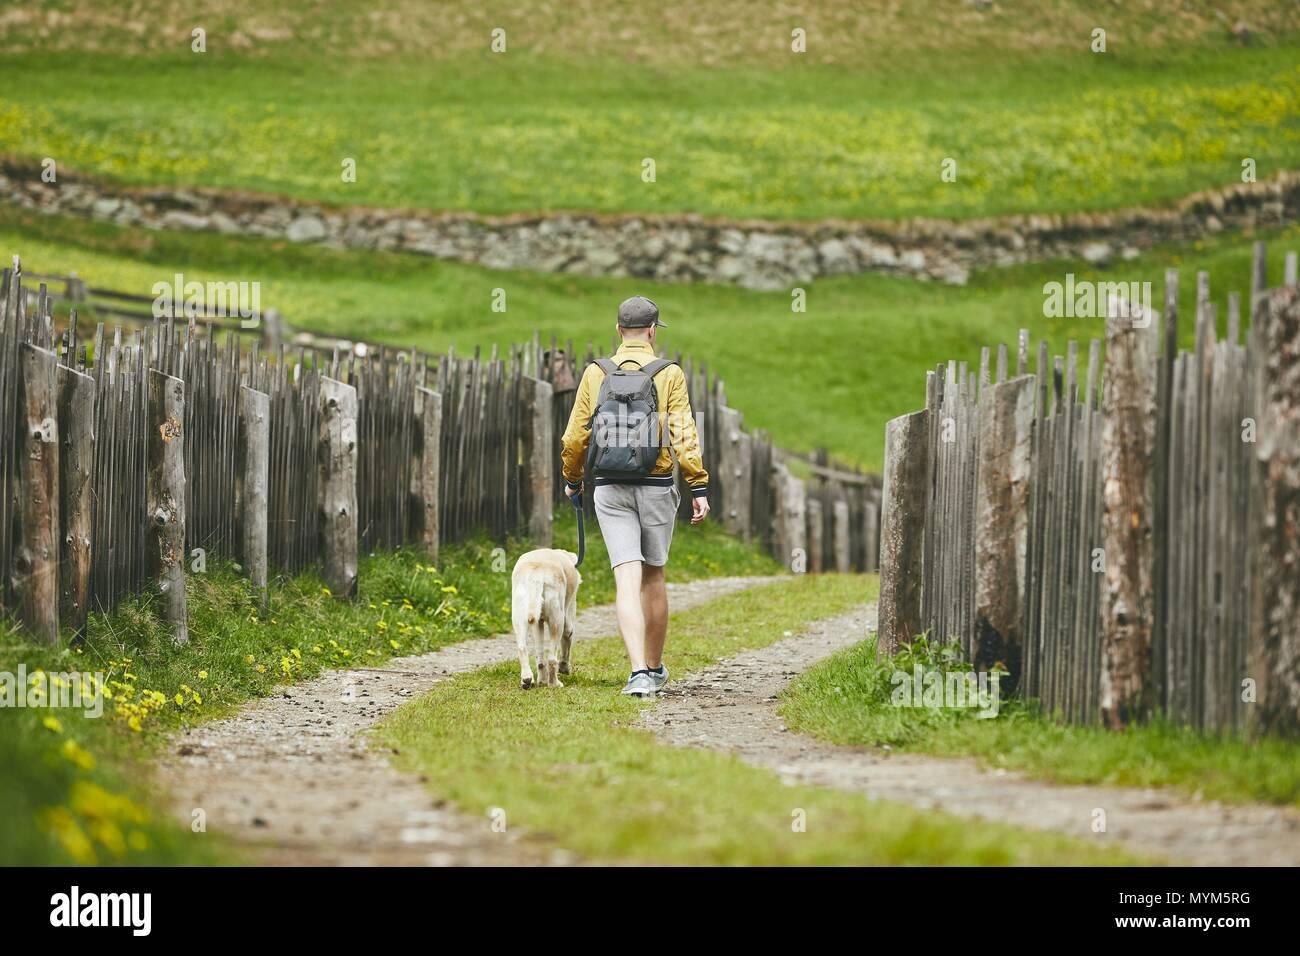 Turista con perro en campo. Joven caminando con el labrador retriever en camino de tierra. Imagen De Stock